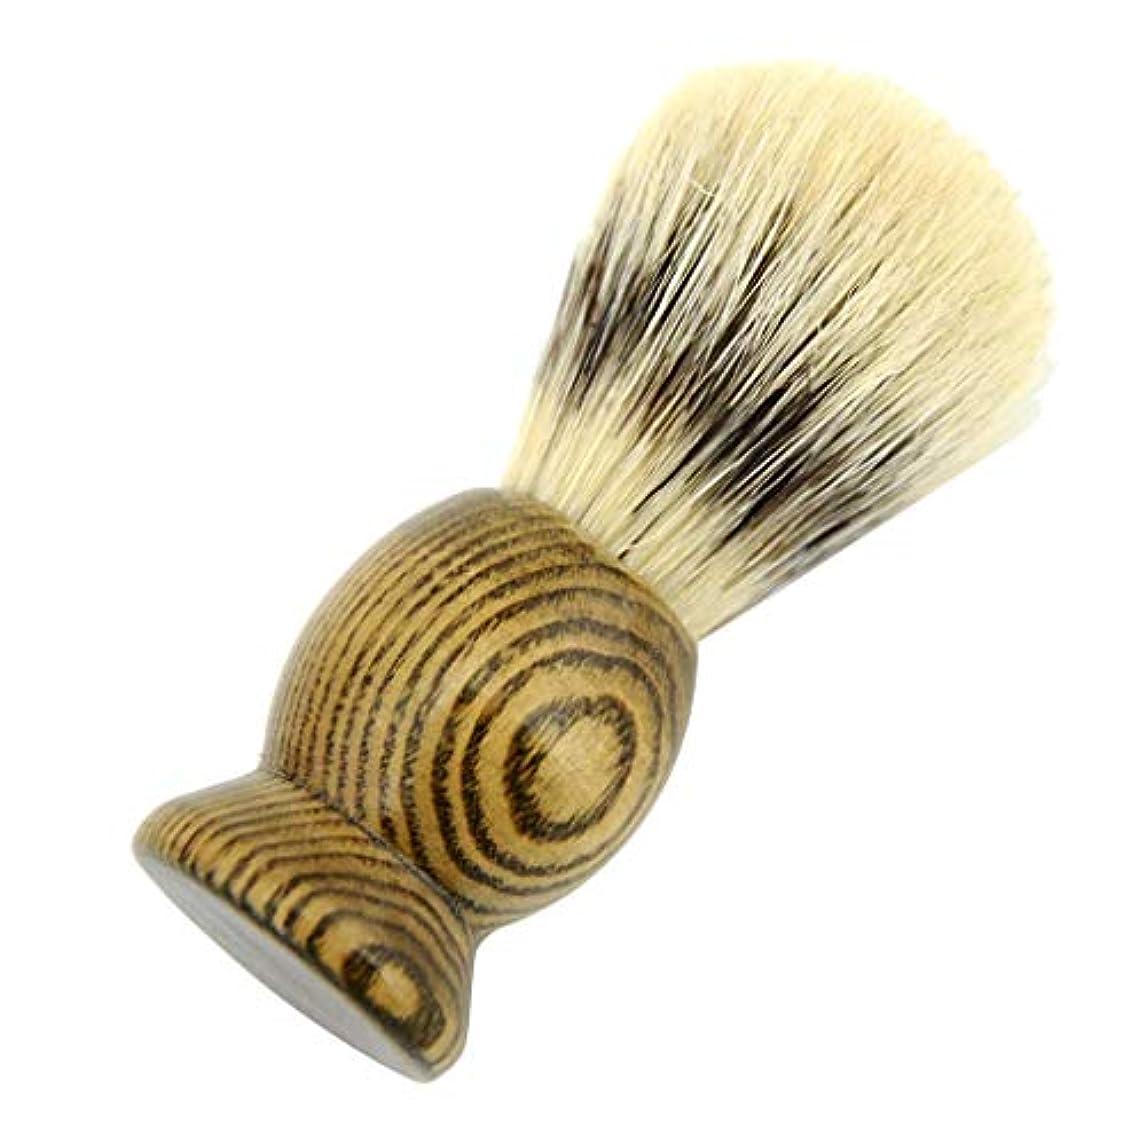 プラットフォーム倒産アレルギー性chiwanji メンズ用 シェービング用ブラシ 理容 洗顔 髭剃り 泡立ち サロン 家庭用 ボックス付き